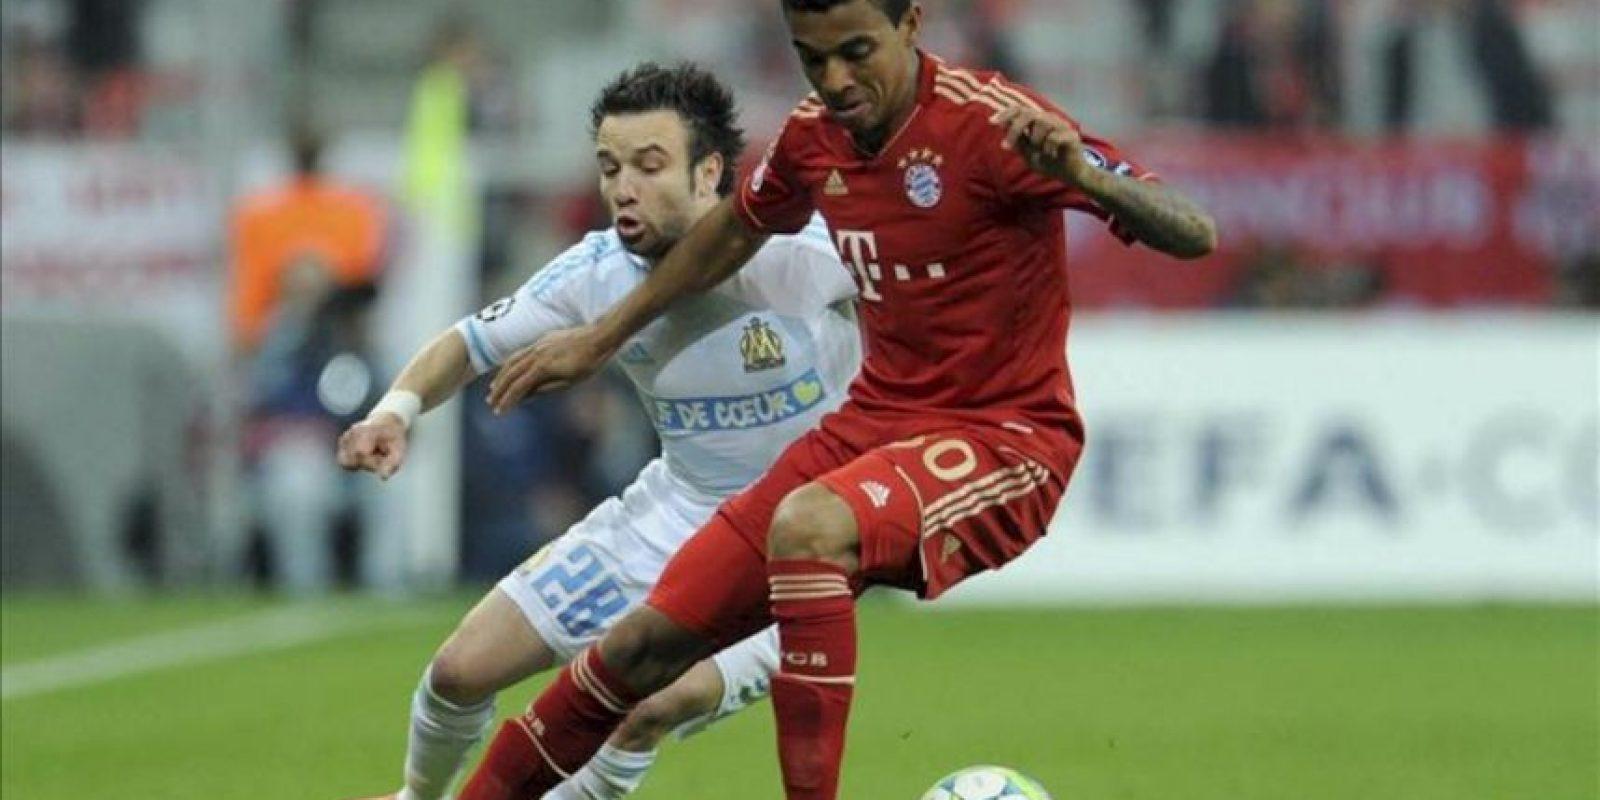 El jugador del Bayern de Múnich, Luiz Gustavo (dcha), pelea por el control del balón con el jugador del Olympique de Marsella, Mathieu Valbuena, en el partido de vuelta de cuartos de final de la Liga de Campeones en el Allianz Arena de Múnich, Alemania. EFE